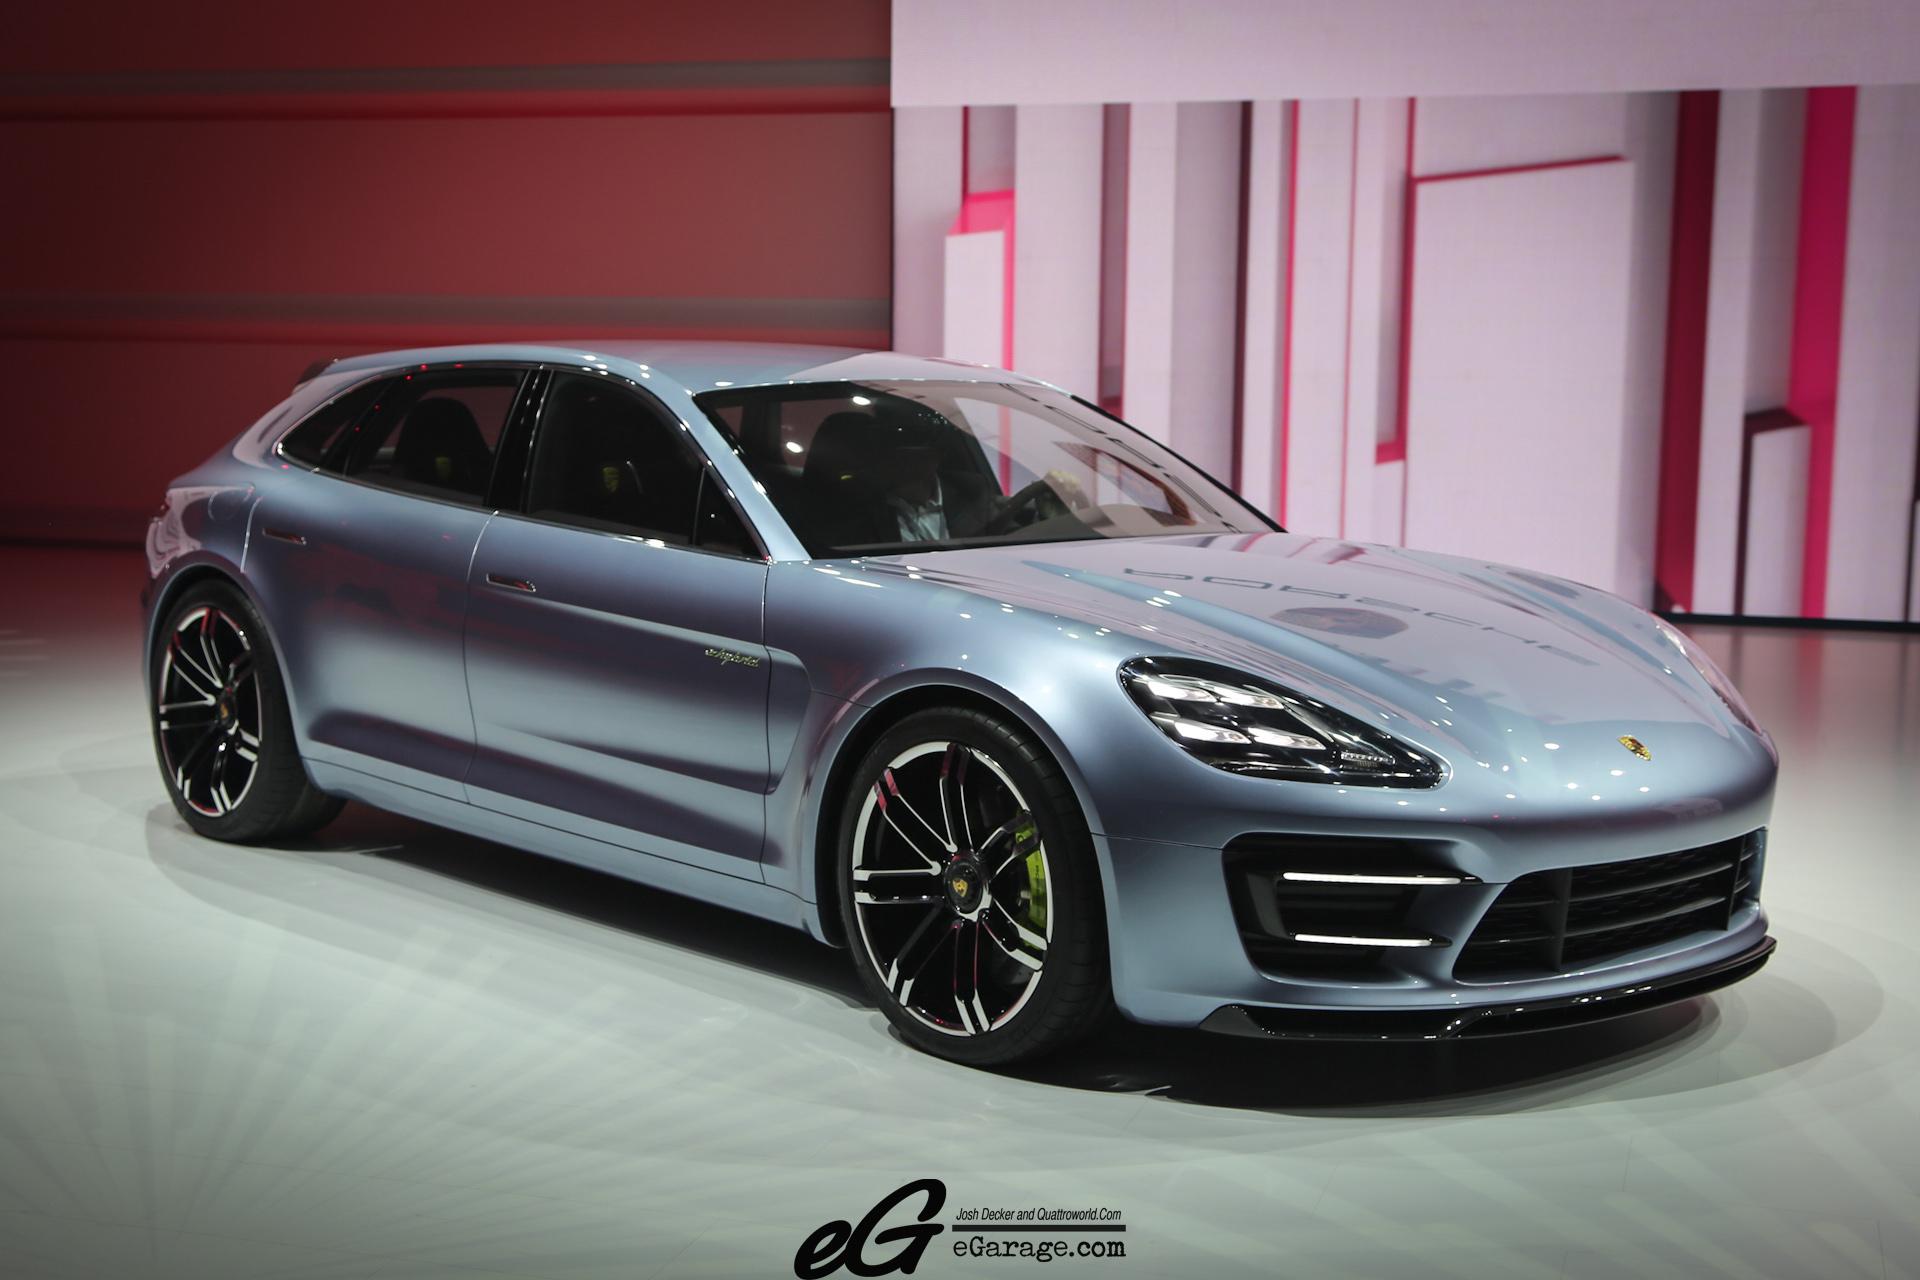 8030388772 982857a228 o 2012 Paris Motor Show